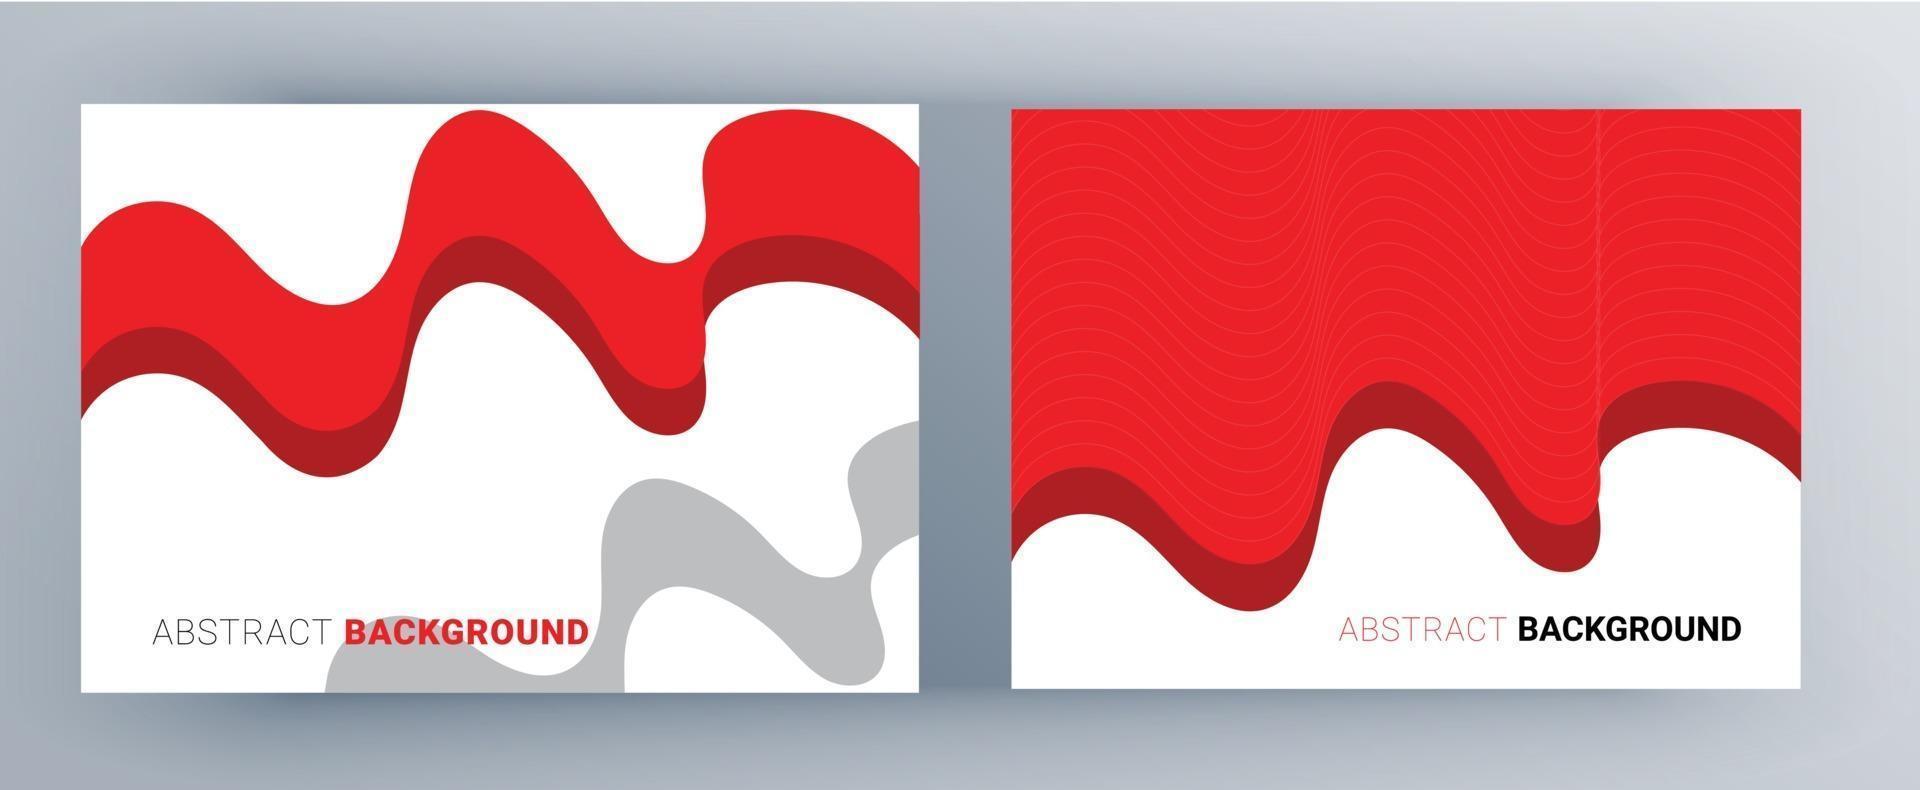 modern abstrakt bakgrund för design. röd och svart färg för flygblad, banners, bokomslag vektor